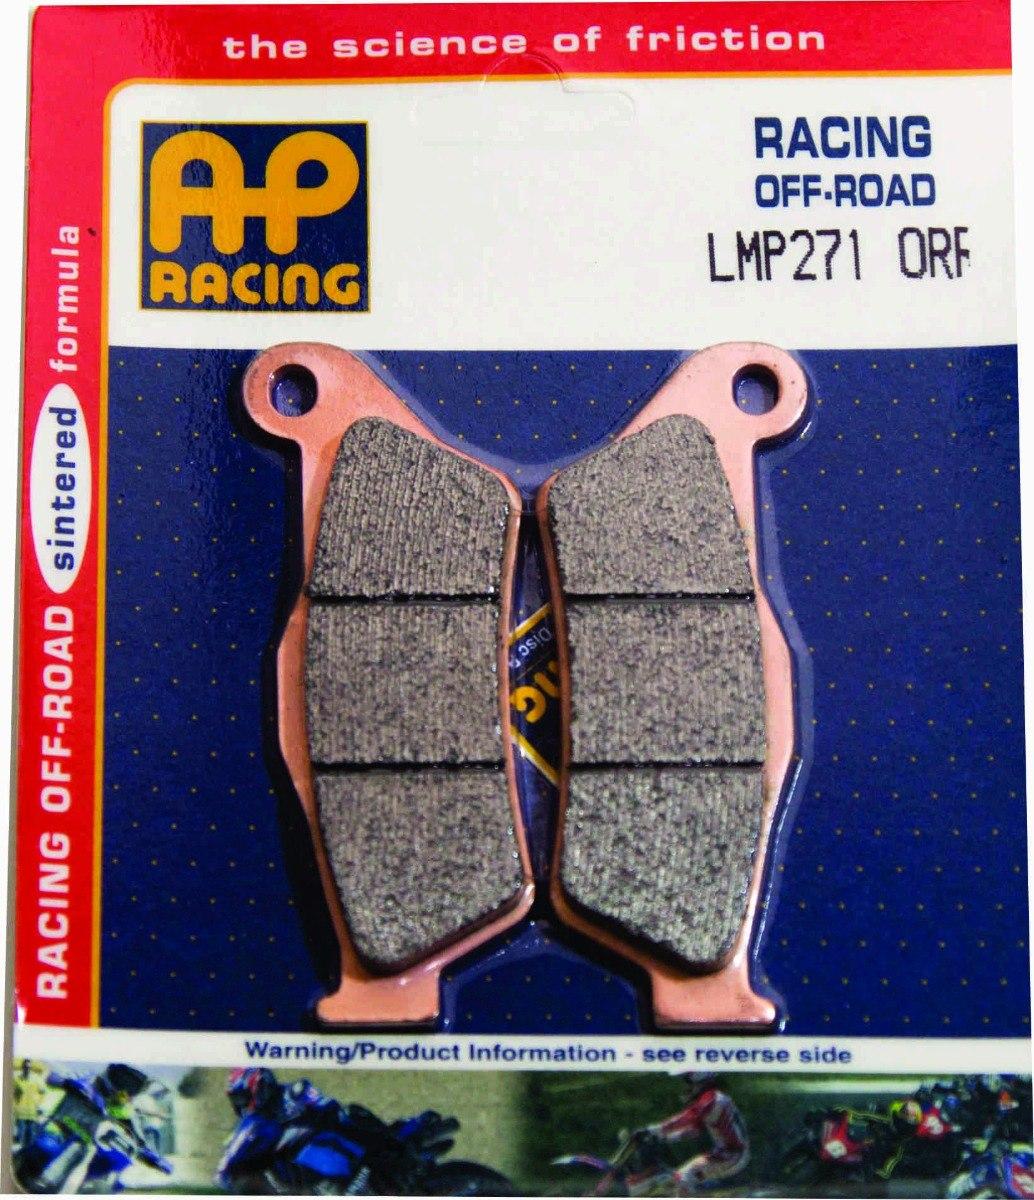 pastilla freno AP lmp 271 or off-road delantera